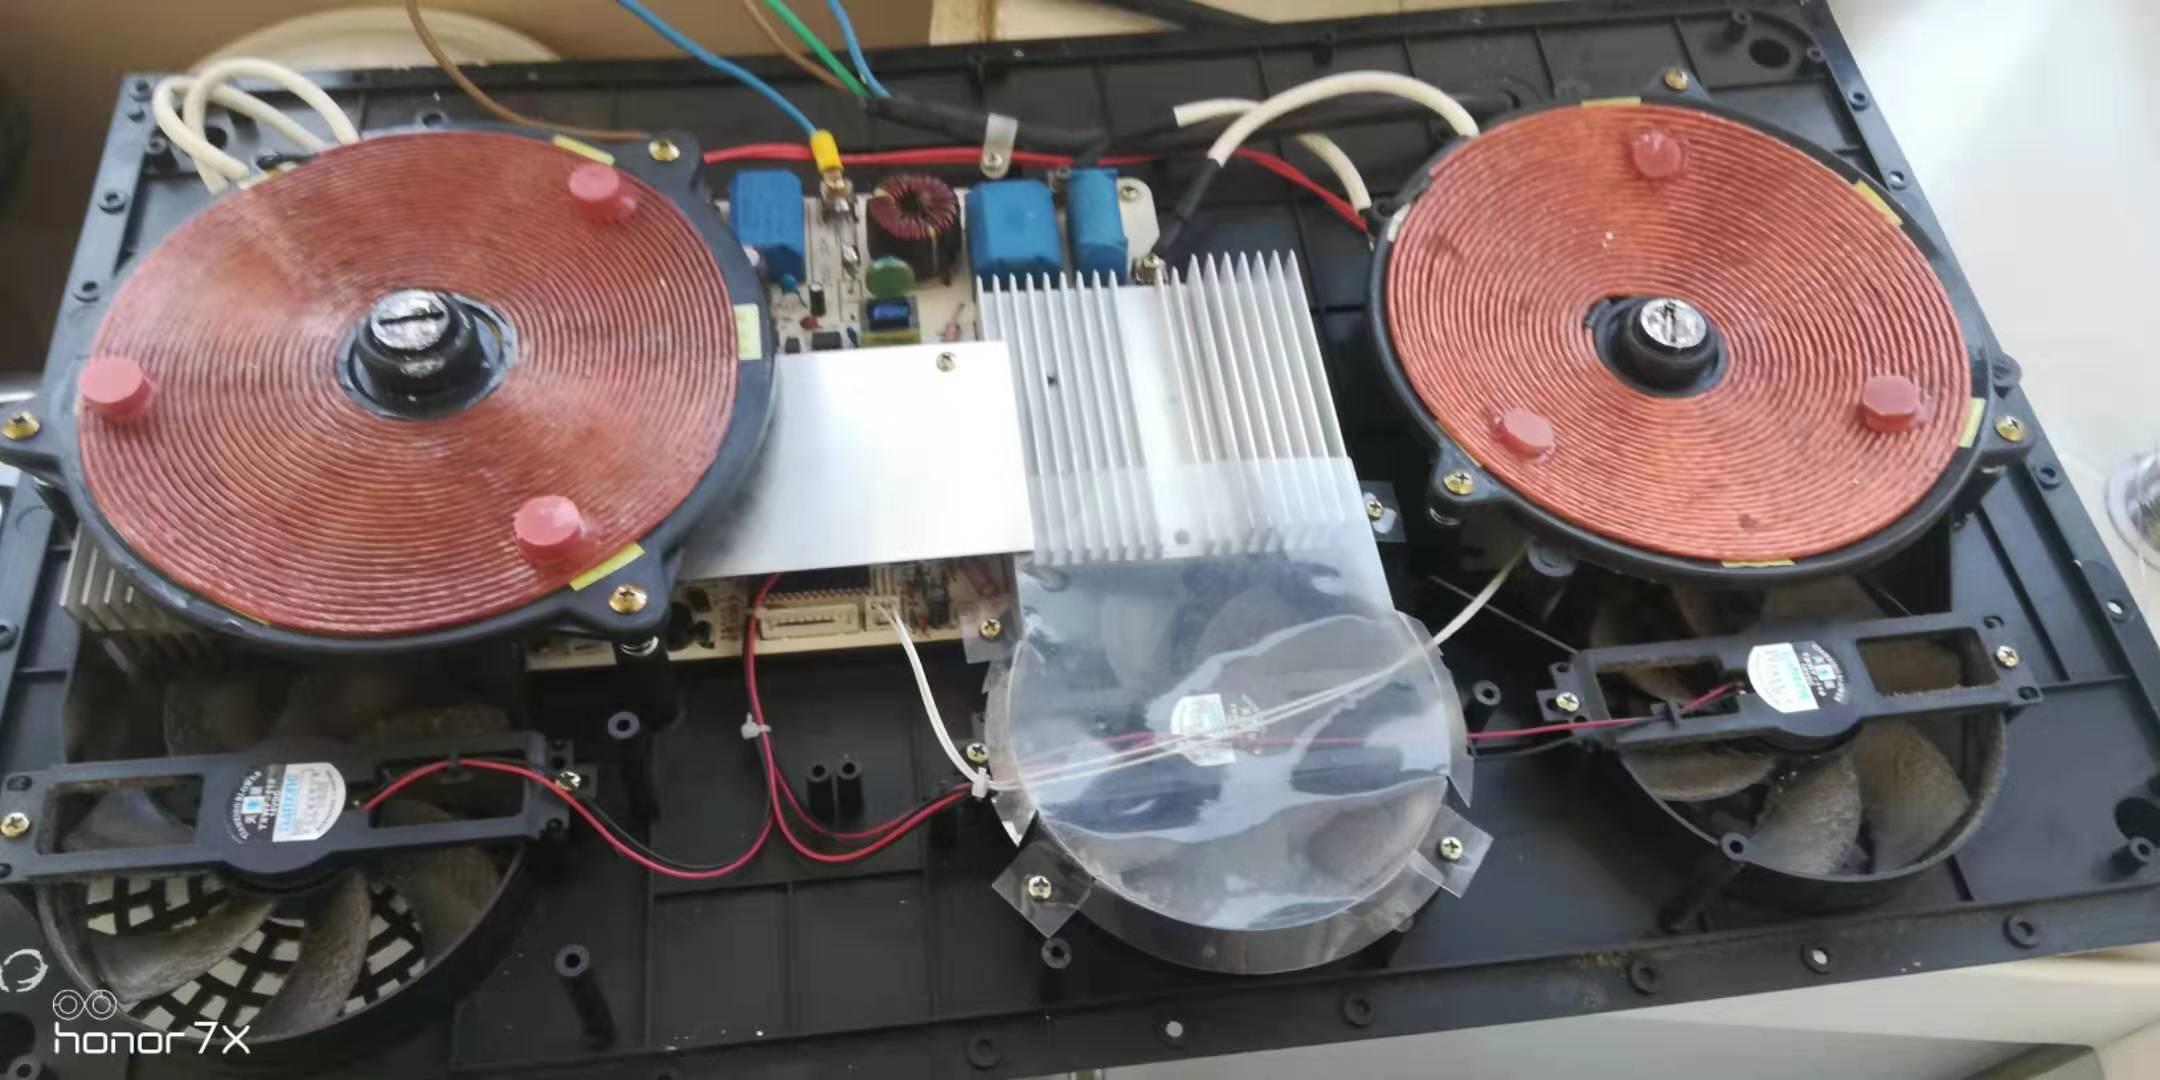 尚朋堂SPT-C25R触控电磁炉维修案例